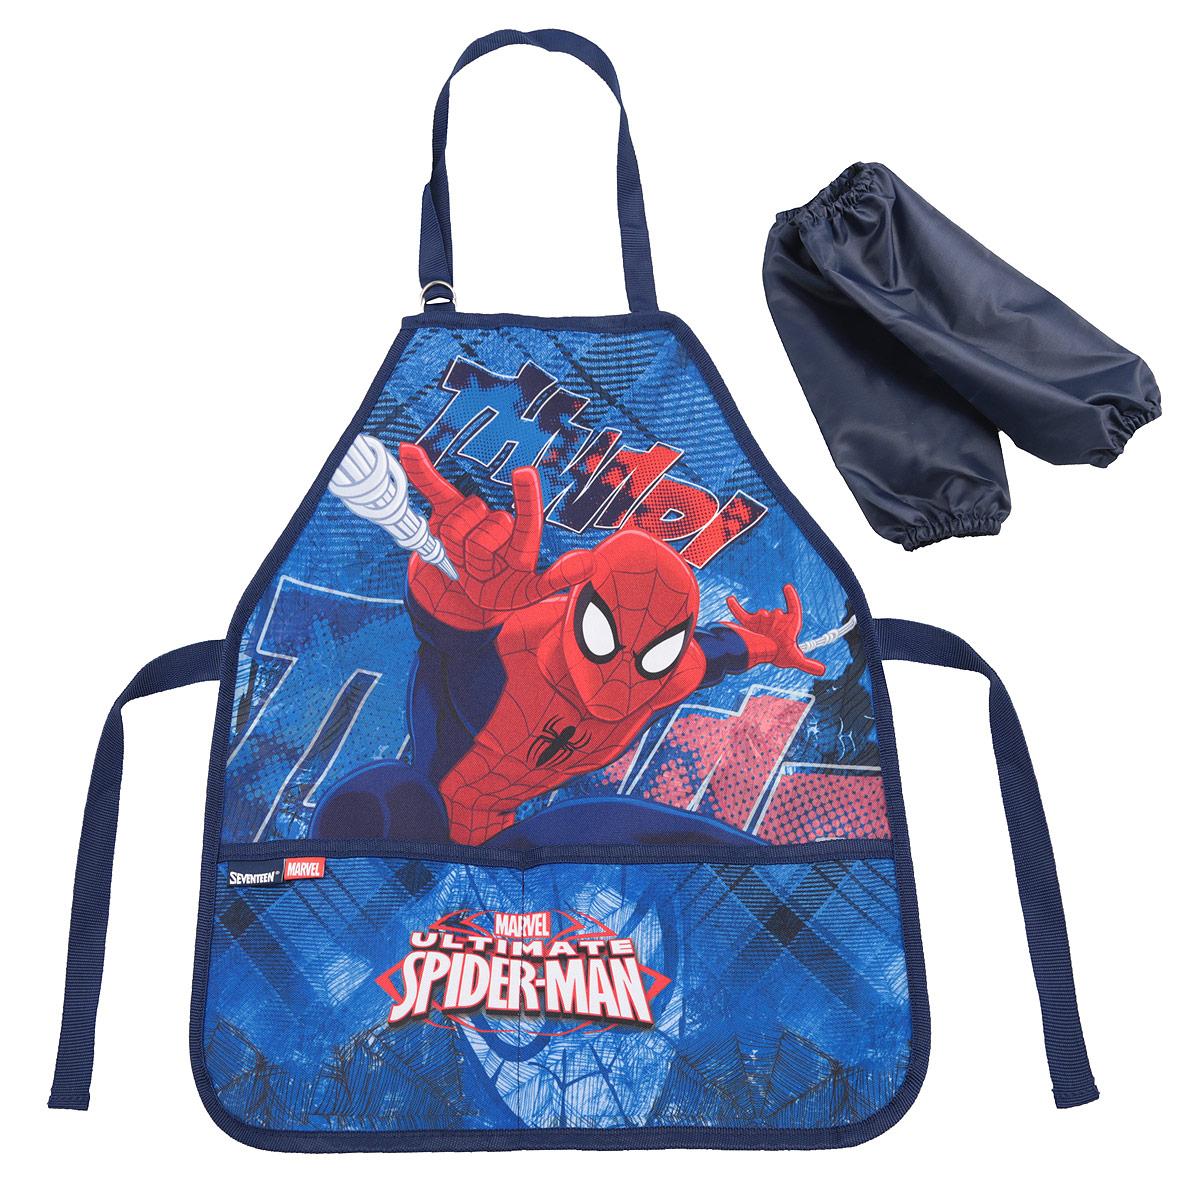 Фартук для труда Spider-man Classic, с нарукавниками, цвет: синий, красныйSMCB-RT2-2900Фартук для труда Spider-man Classic, с нарукавниками поможет малышу не испачкаться во время домашних хлопот, на уроках труда или изобразительного искусства. Благодаря удобному покрою фартука, ребенок может его самостоятельно надевать и снимать. Завязки позволяют зафиксировать фартук на талии и на шее. Ремень, предназначенный для фиксации на шее, имеет металлические приспособления для регулировки длины. Спереди расположены два вместительных кармана, в которые можно положить необходимые для работы предметы. К фартуку прилагаются два нарукавника из плащевой ткани, они фиксируются резинками сверху и снизу. Изделие изготовлено из легкостирающейся, износостойкой ткани, поэтому будет служить очень долго.